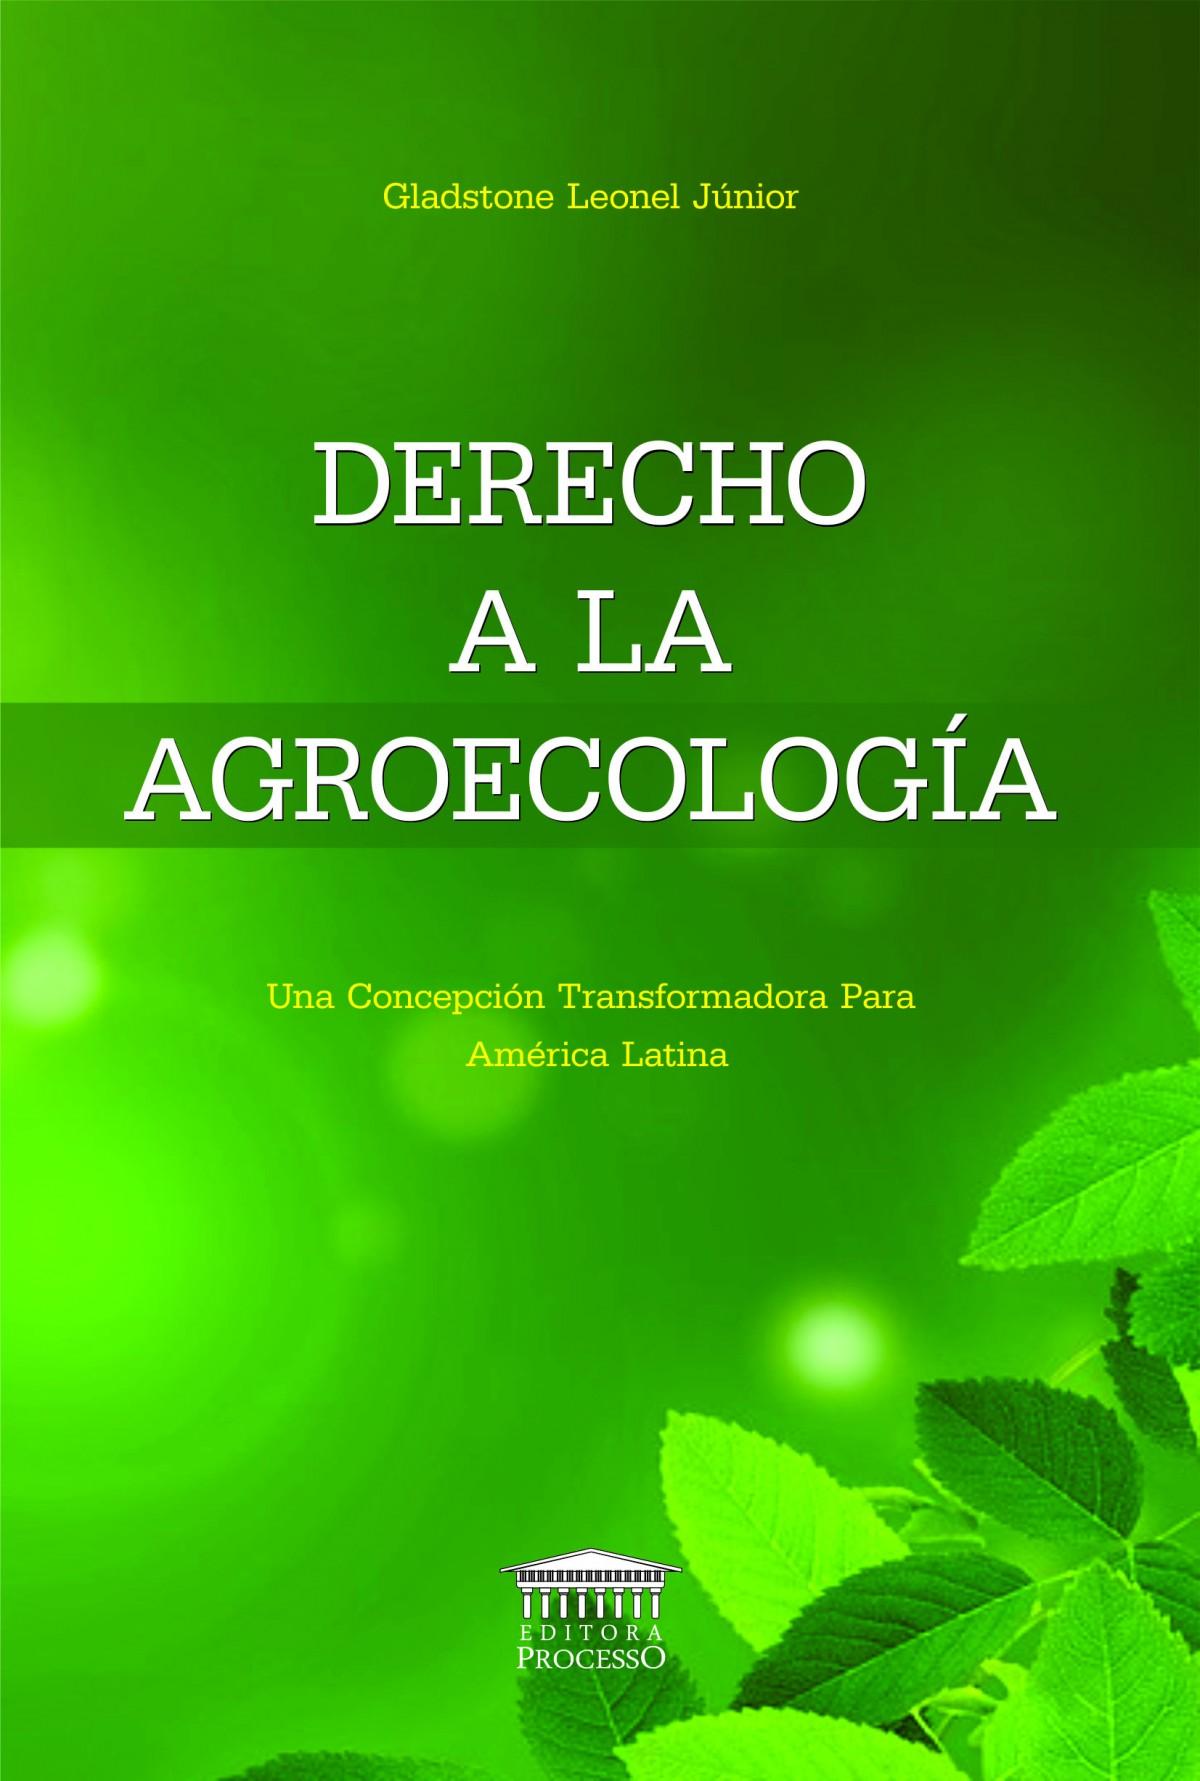 Foto 1 - DERECHO A LA AGROECOLOGÍA - una concepción transformadora para América Latina